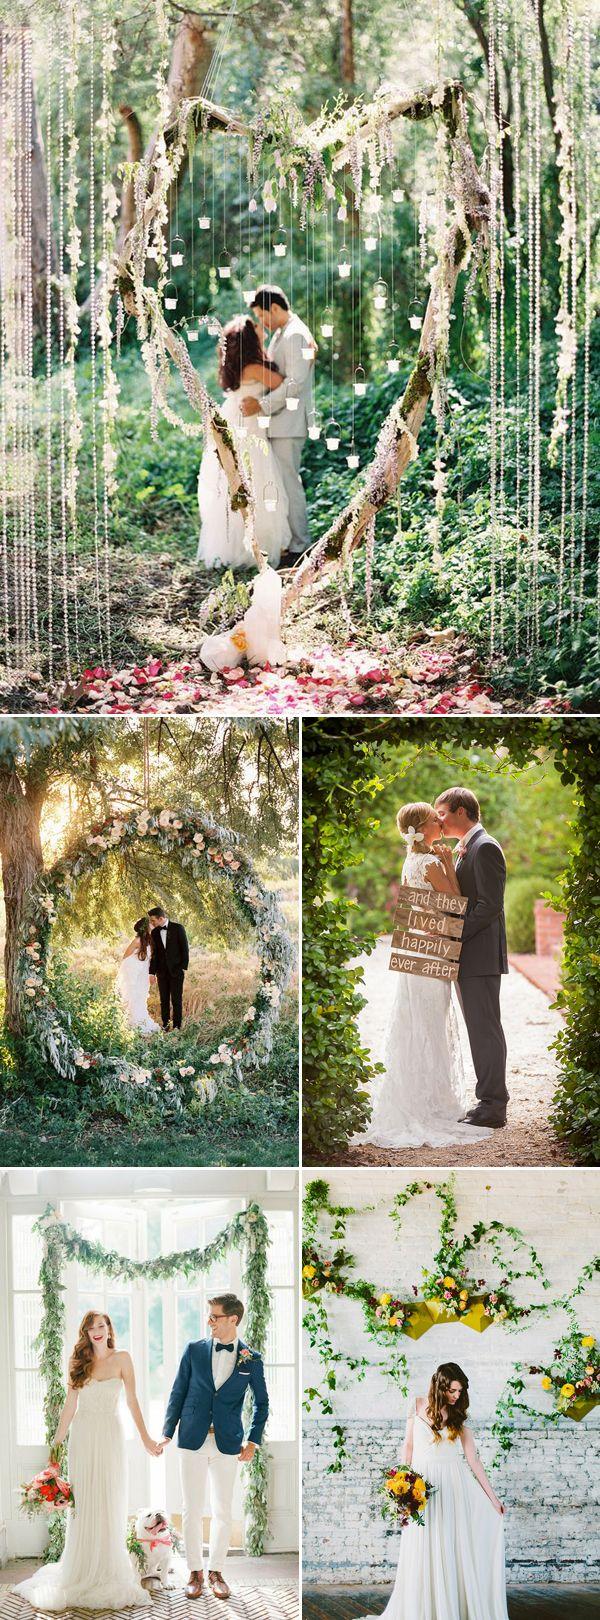 Oh Snap! 45 Creative Wedding Photo Backdrops - Natural Backdrop and Greenery!